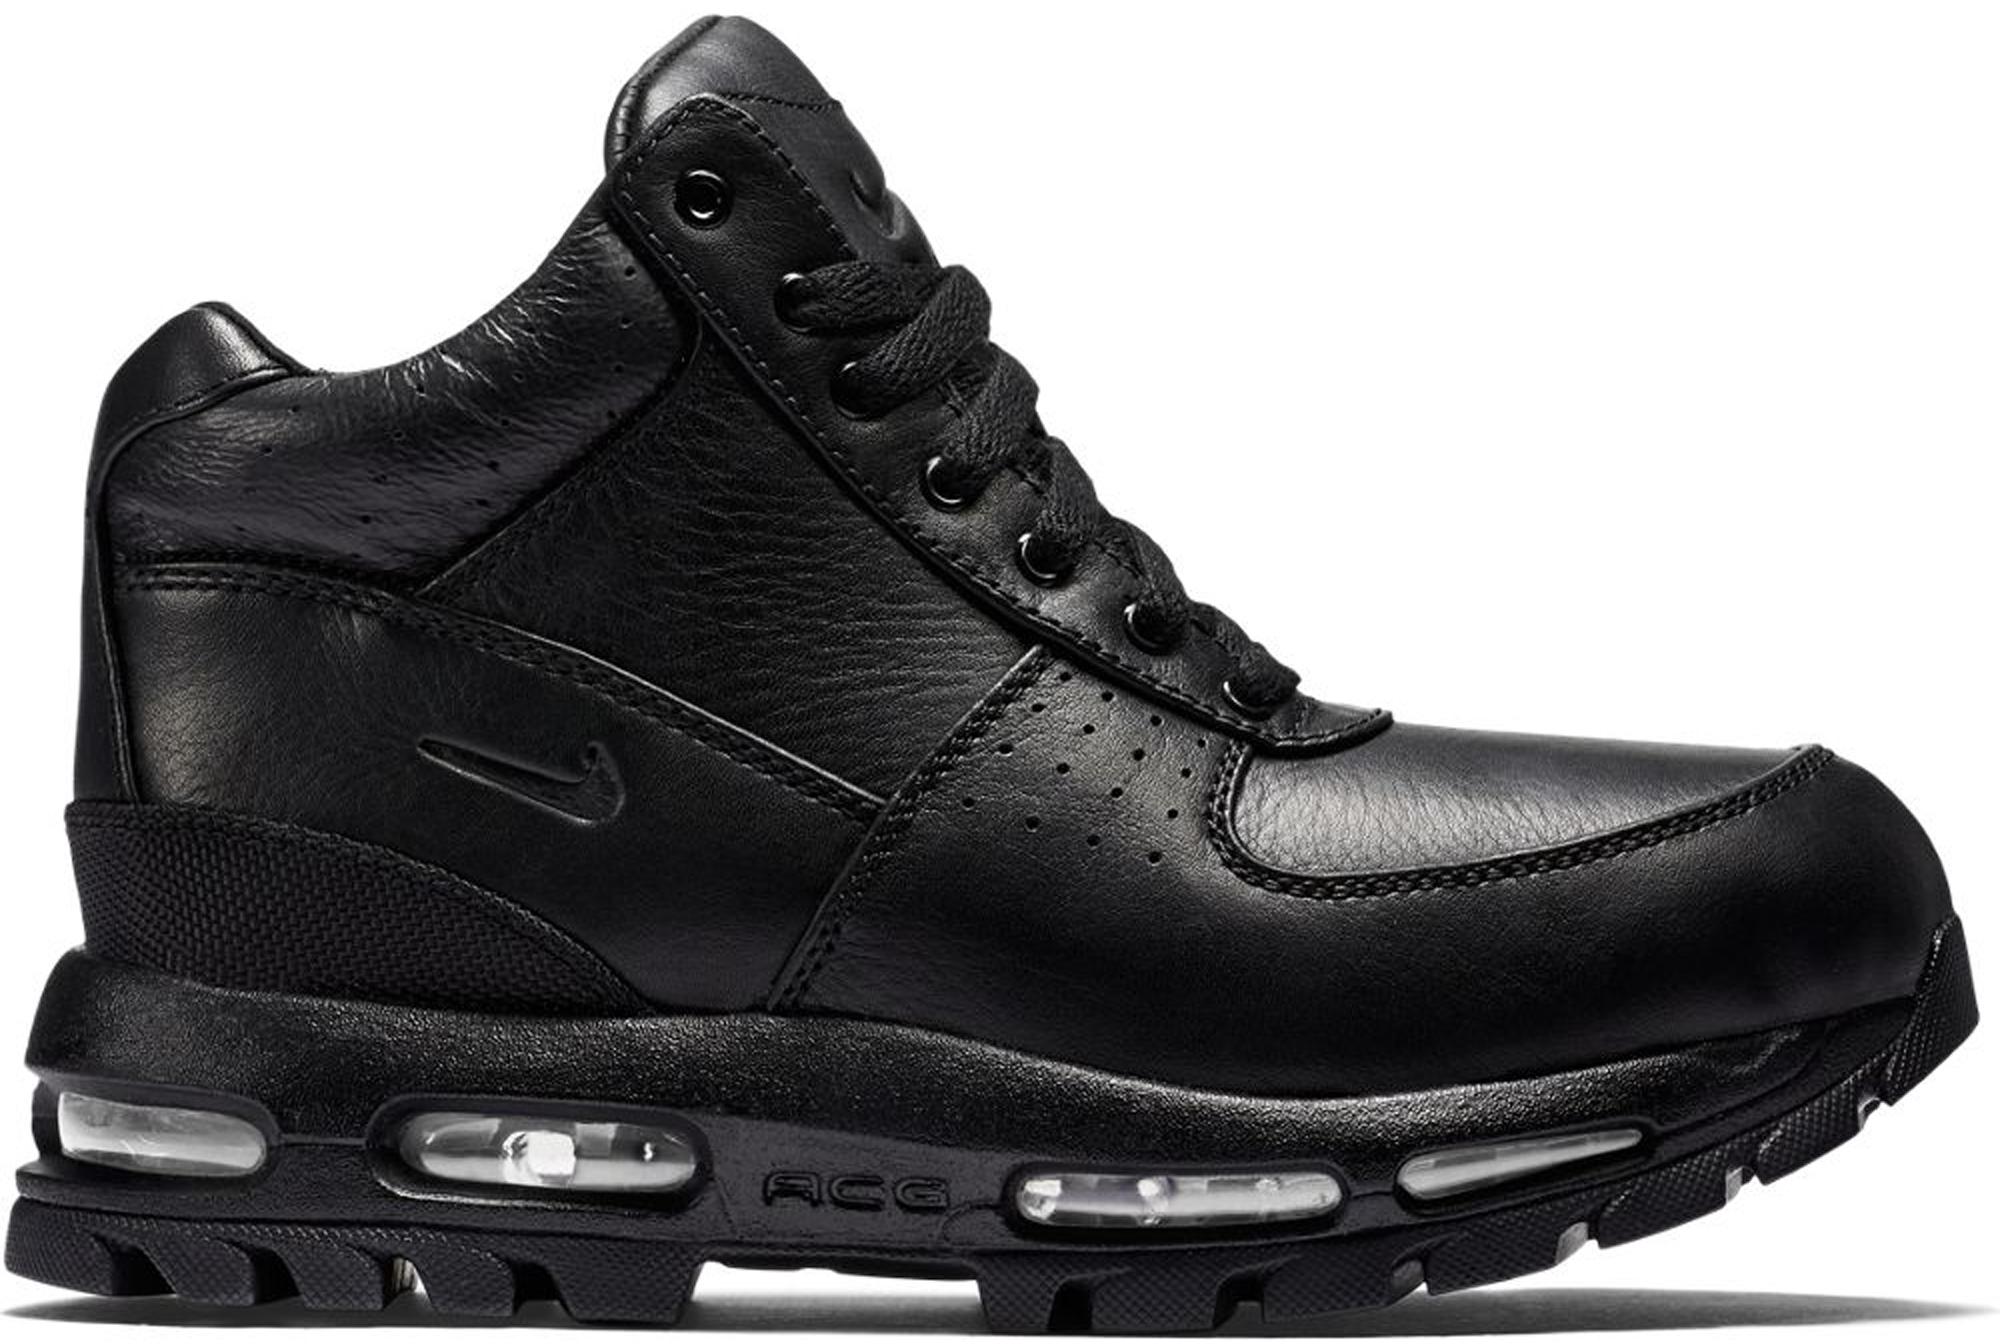 Nike Air Max Goadome Black (GS